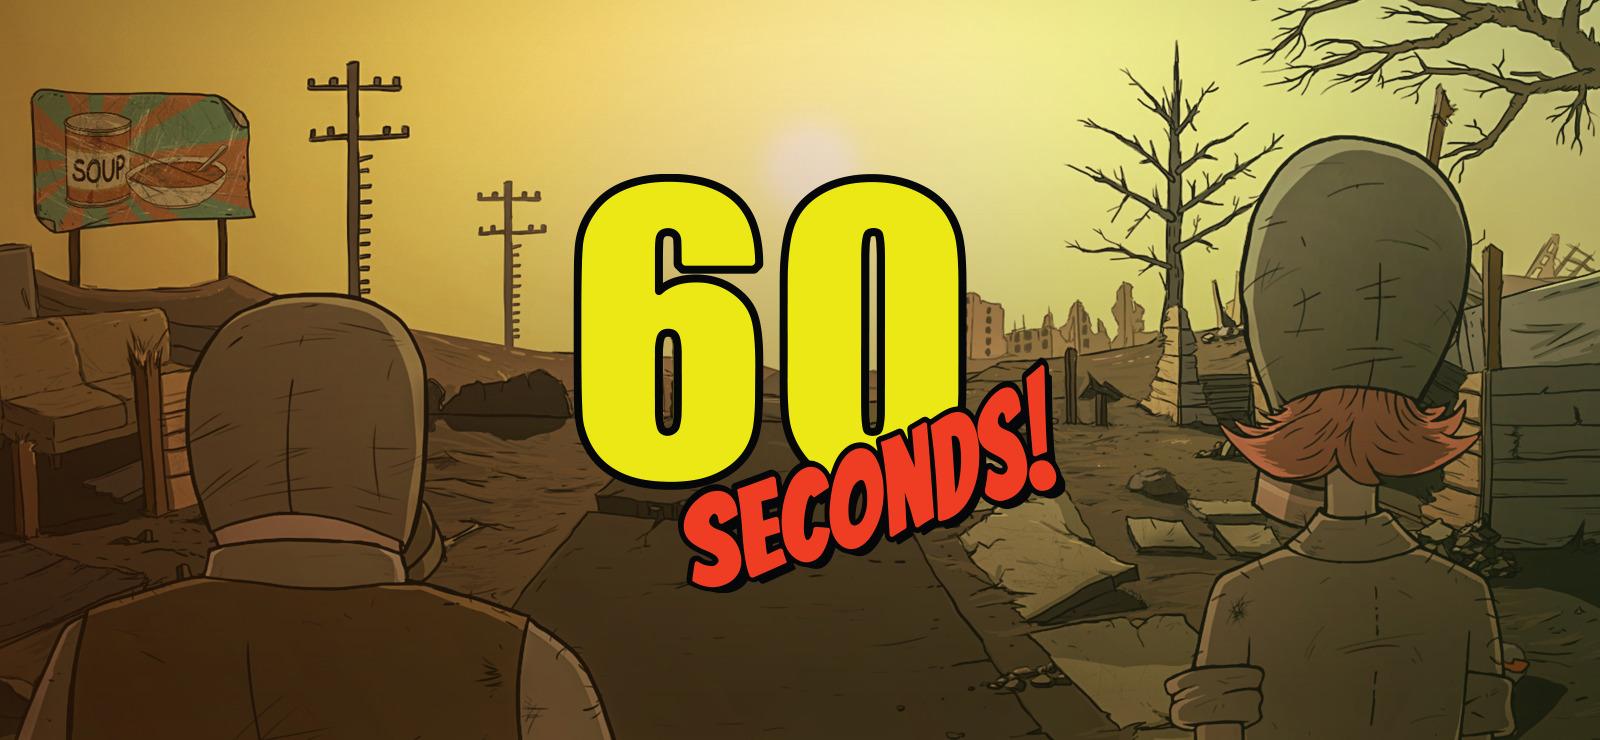 60 seconds on gog com